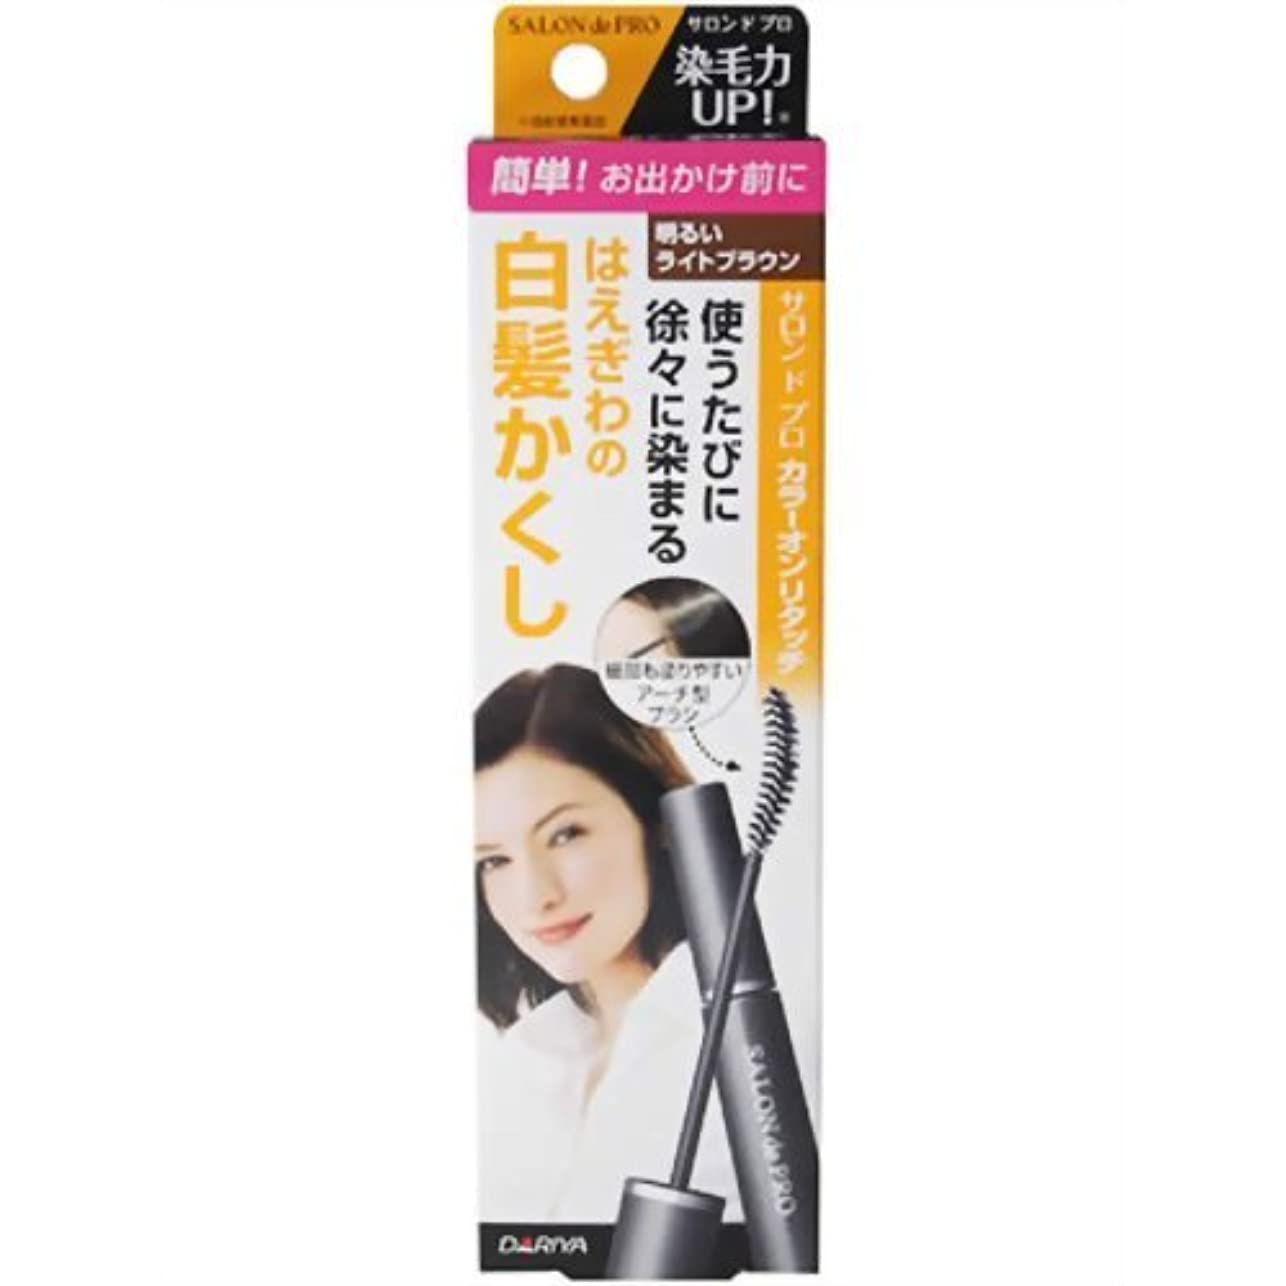 優れました達成おとこサロンドプロカラーオンリタッチ白髪かくし 明るいライトブラウン       15ML × 10個セット